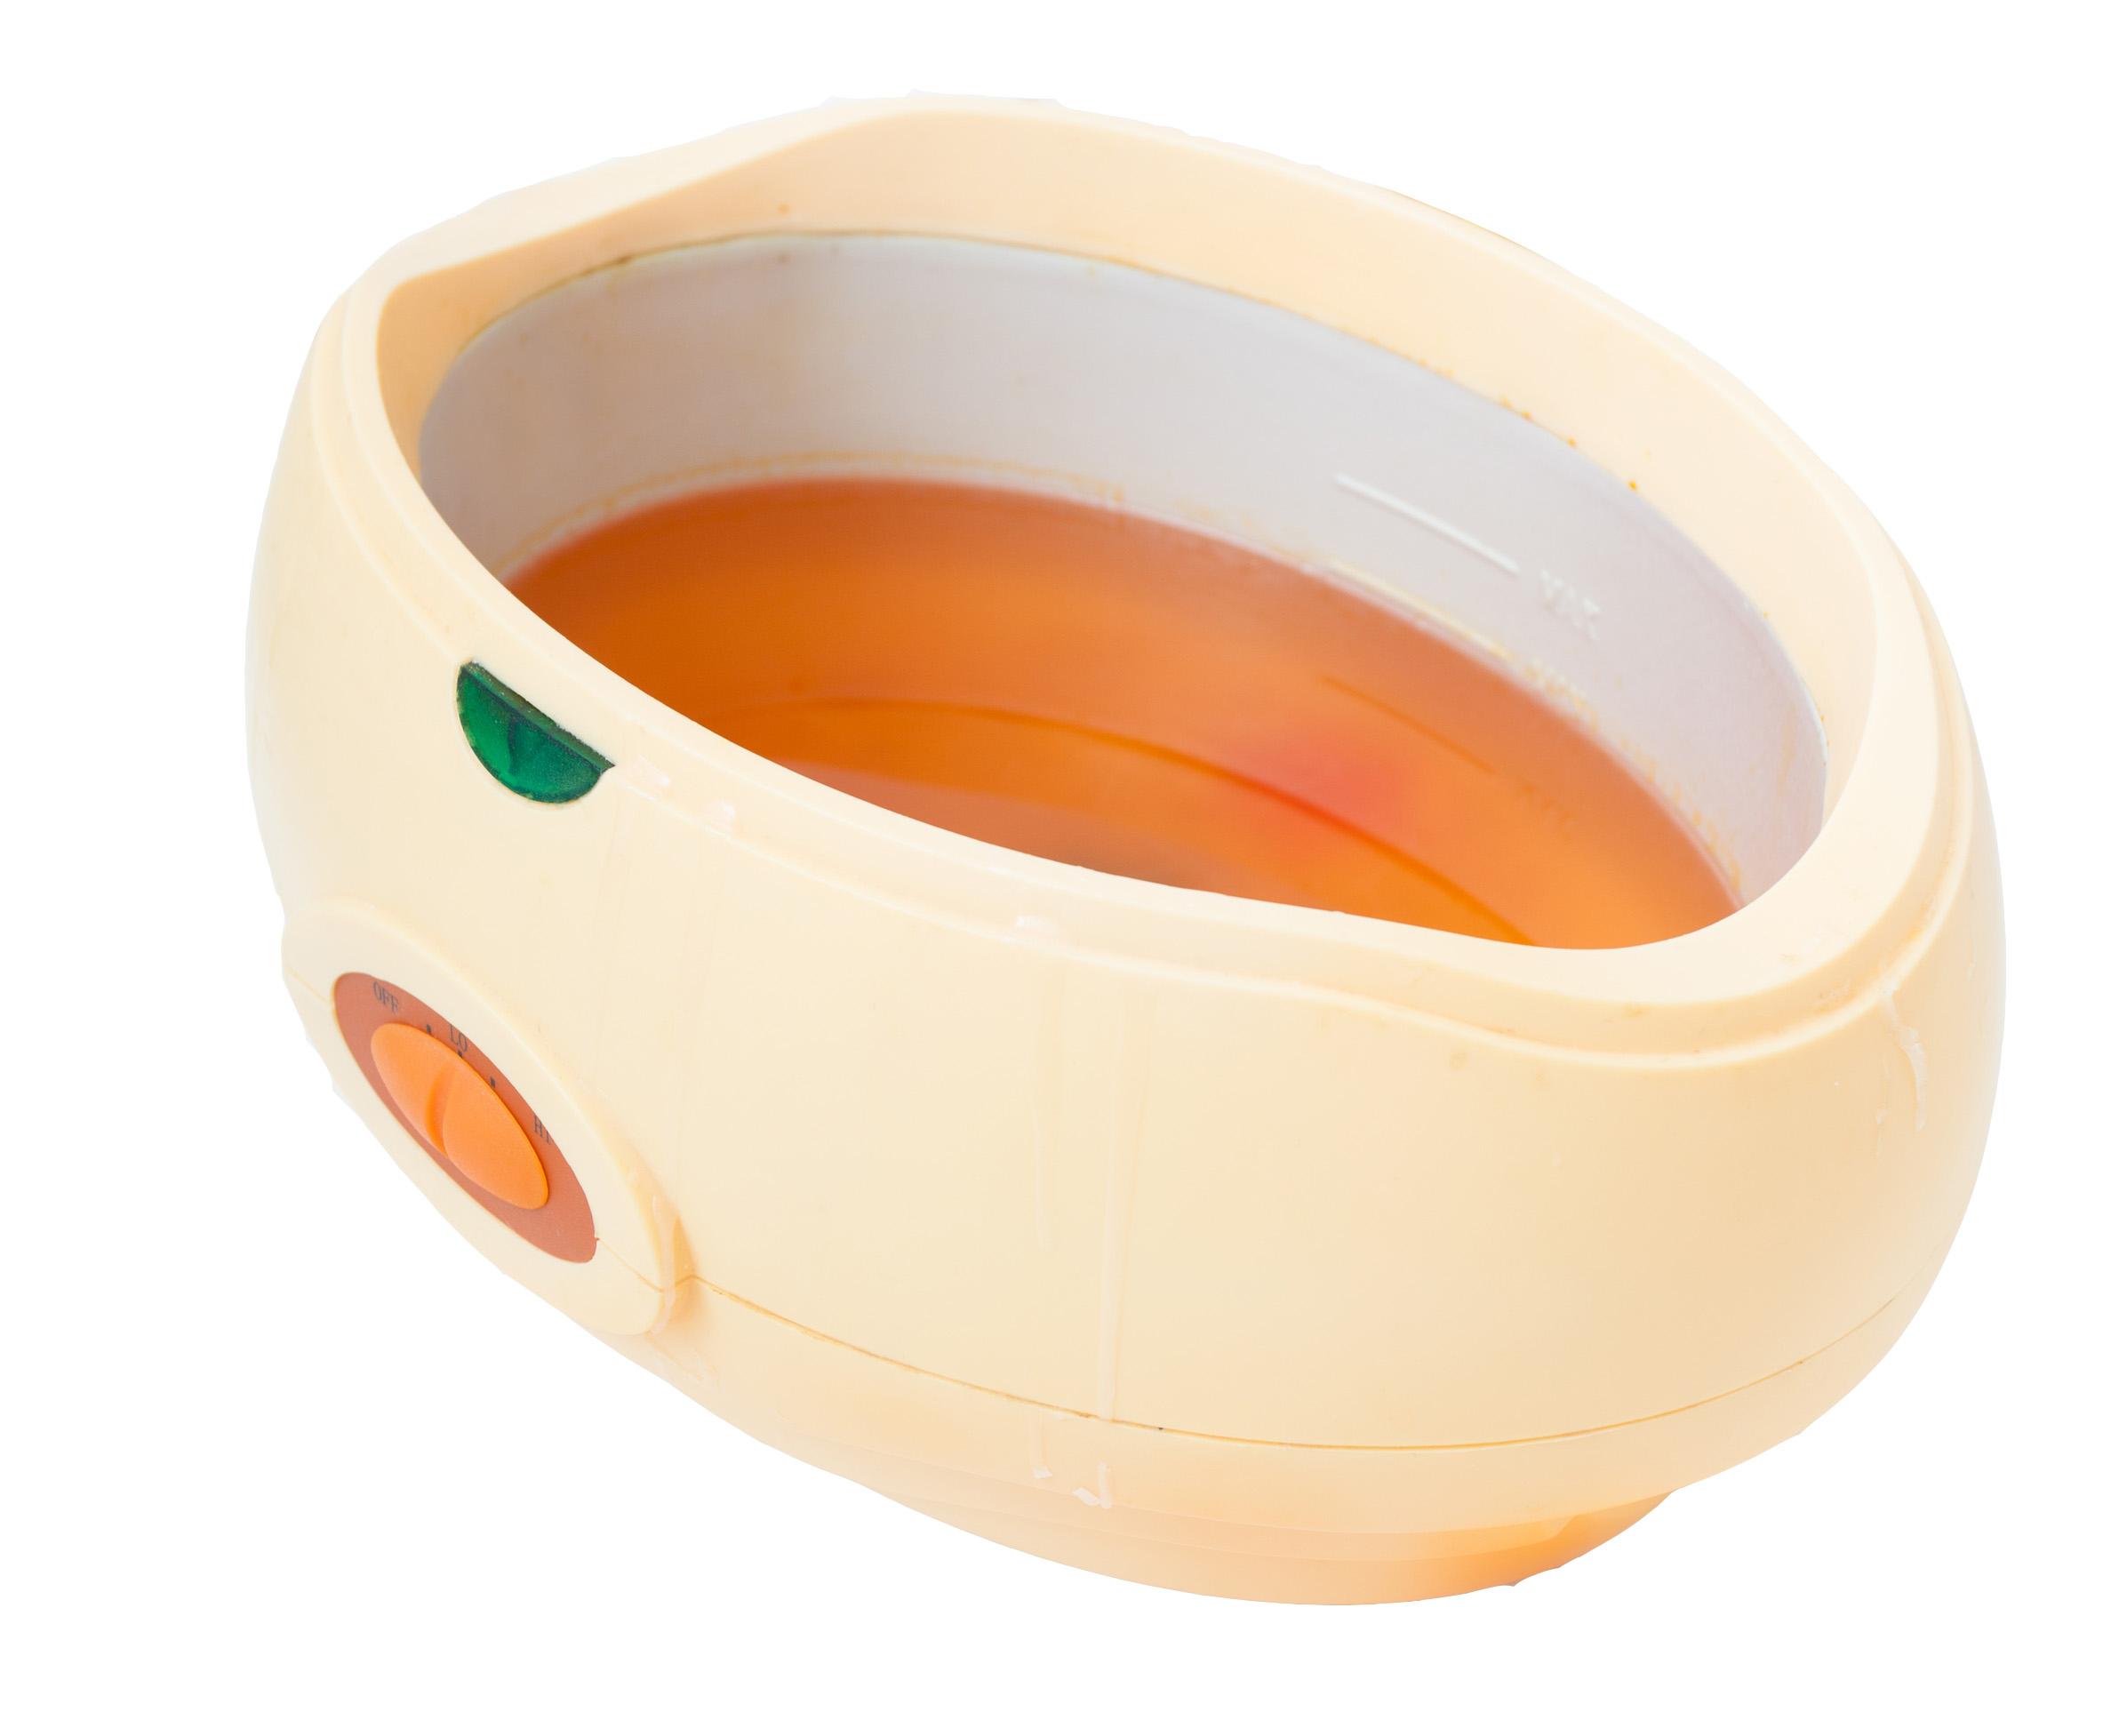 Bagno di paraffina: il trattamento benessere per mani e piedi - Nailita